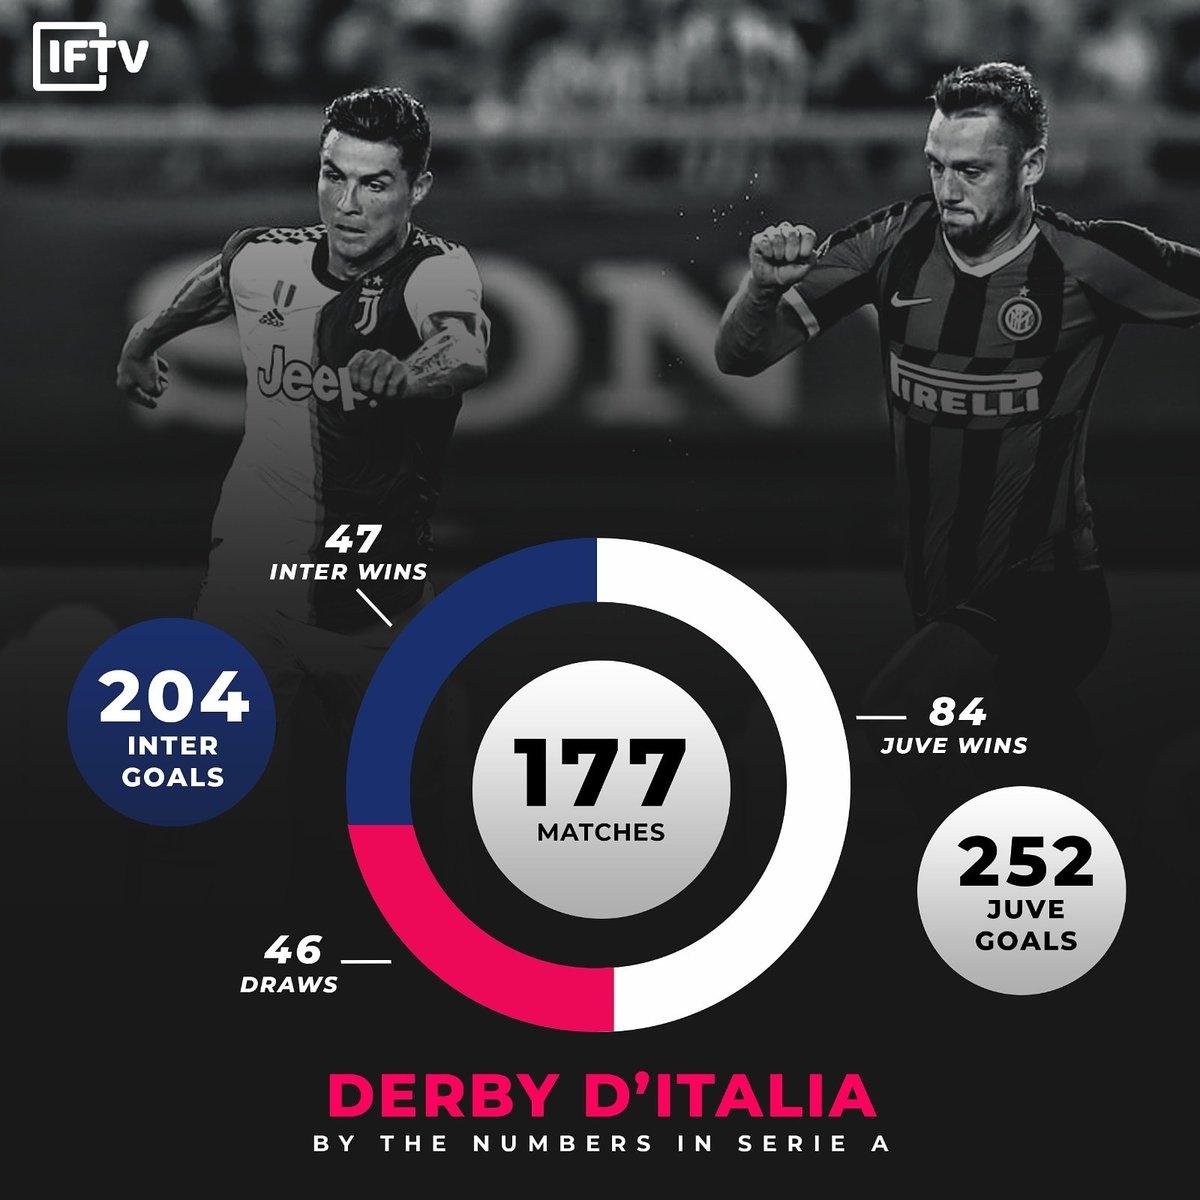 意大利国家德比的意甲历史战绩:尤文84胜47负占优